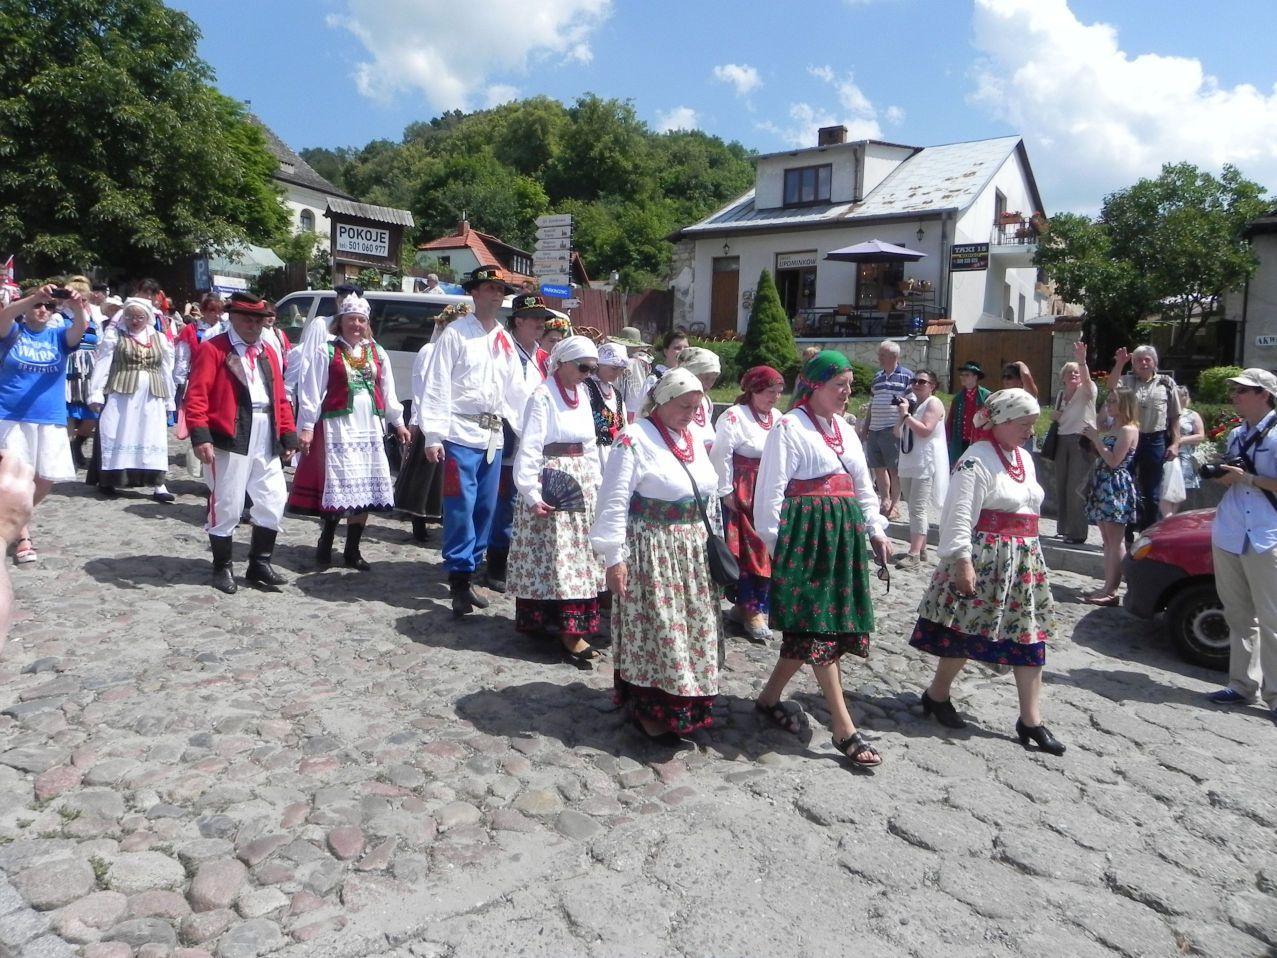 2016-06-26 Kazimierz Dolny - festiwal (117)